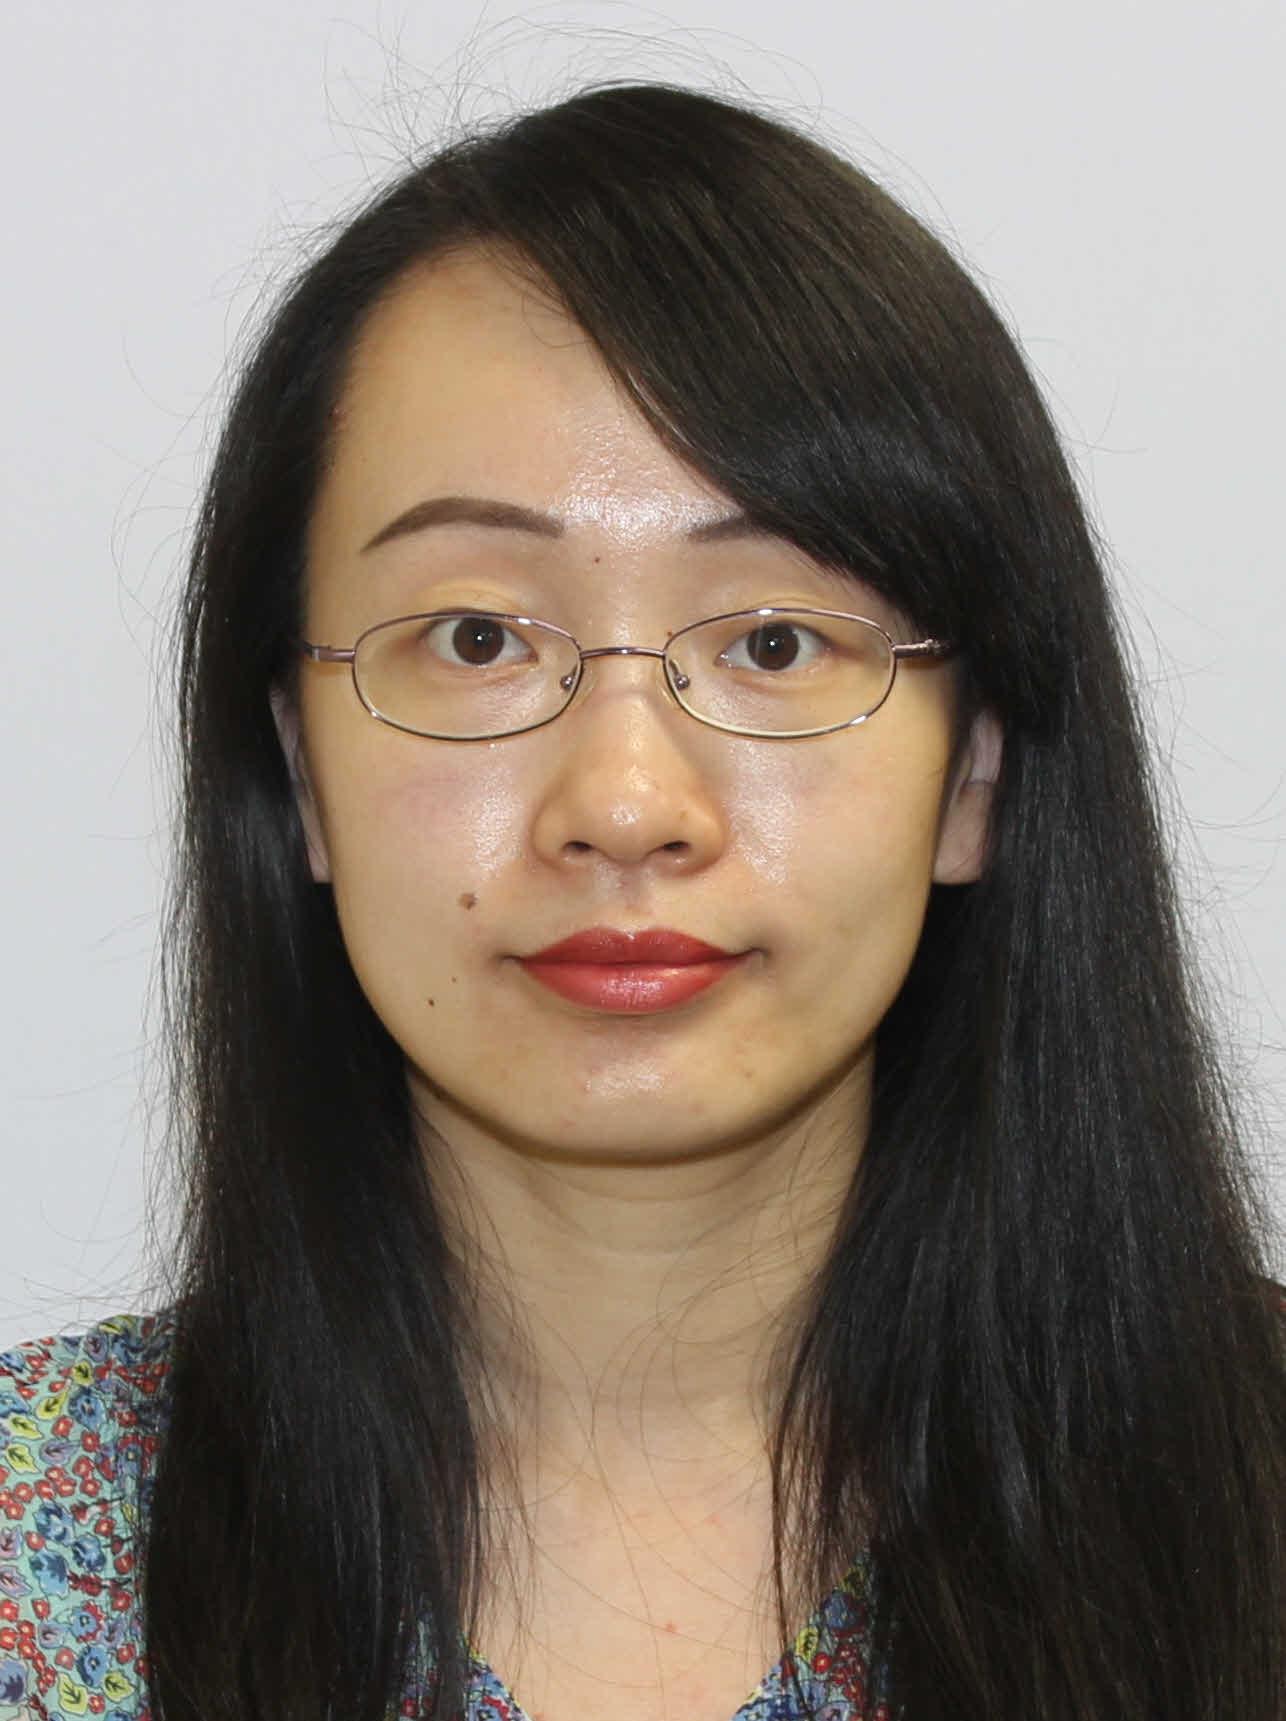 Xinyao Jing